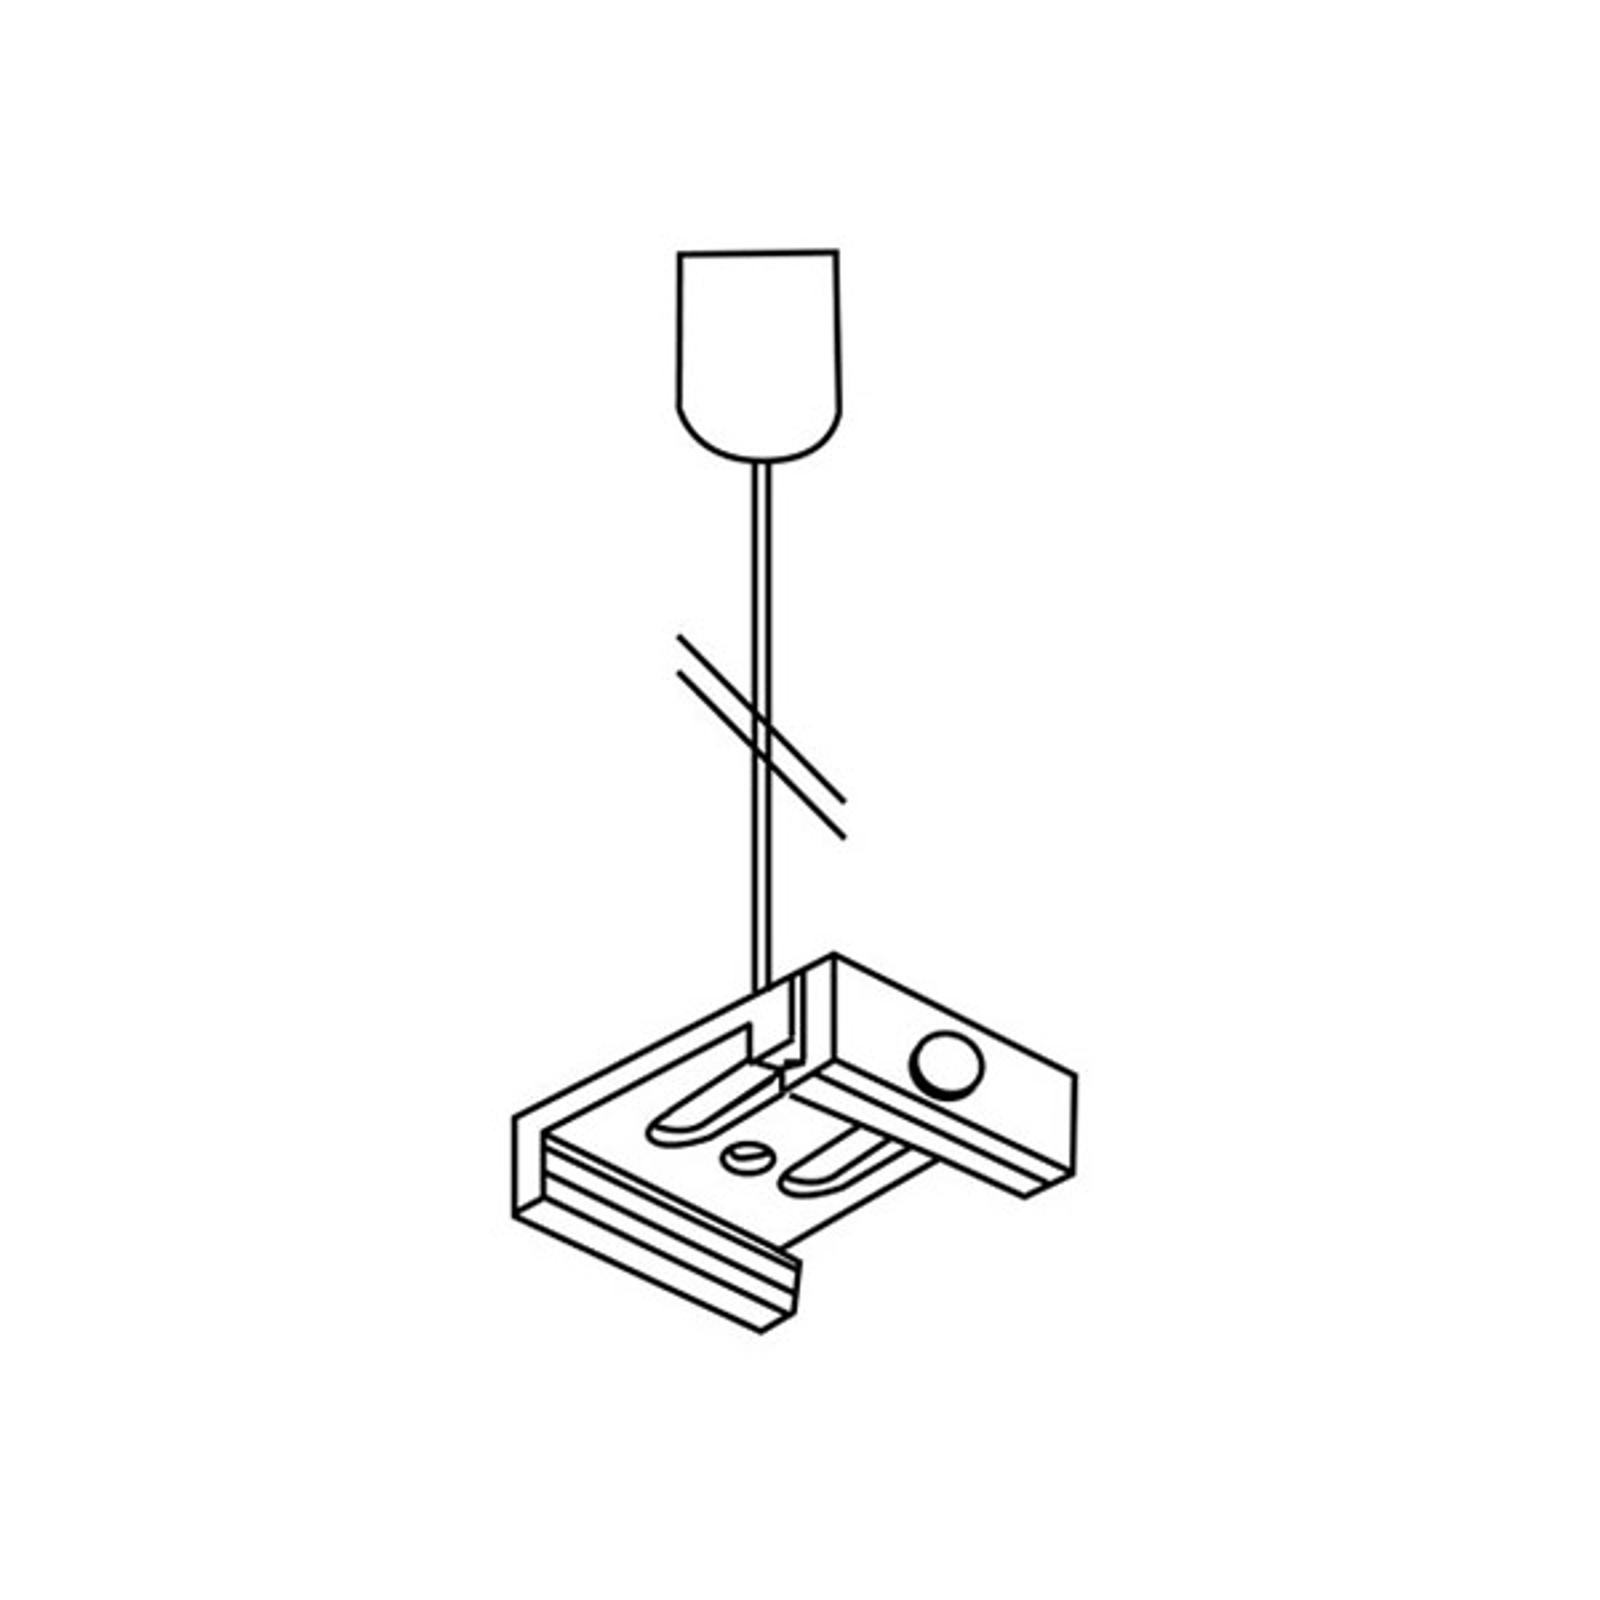 Abhängeset für 3-Phasen-Schiene Noa, 300cm grau